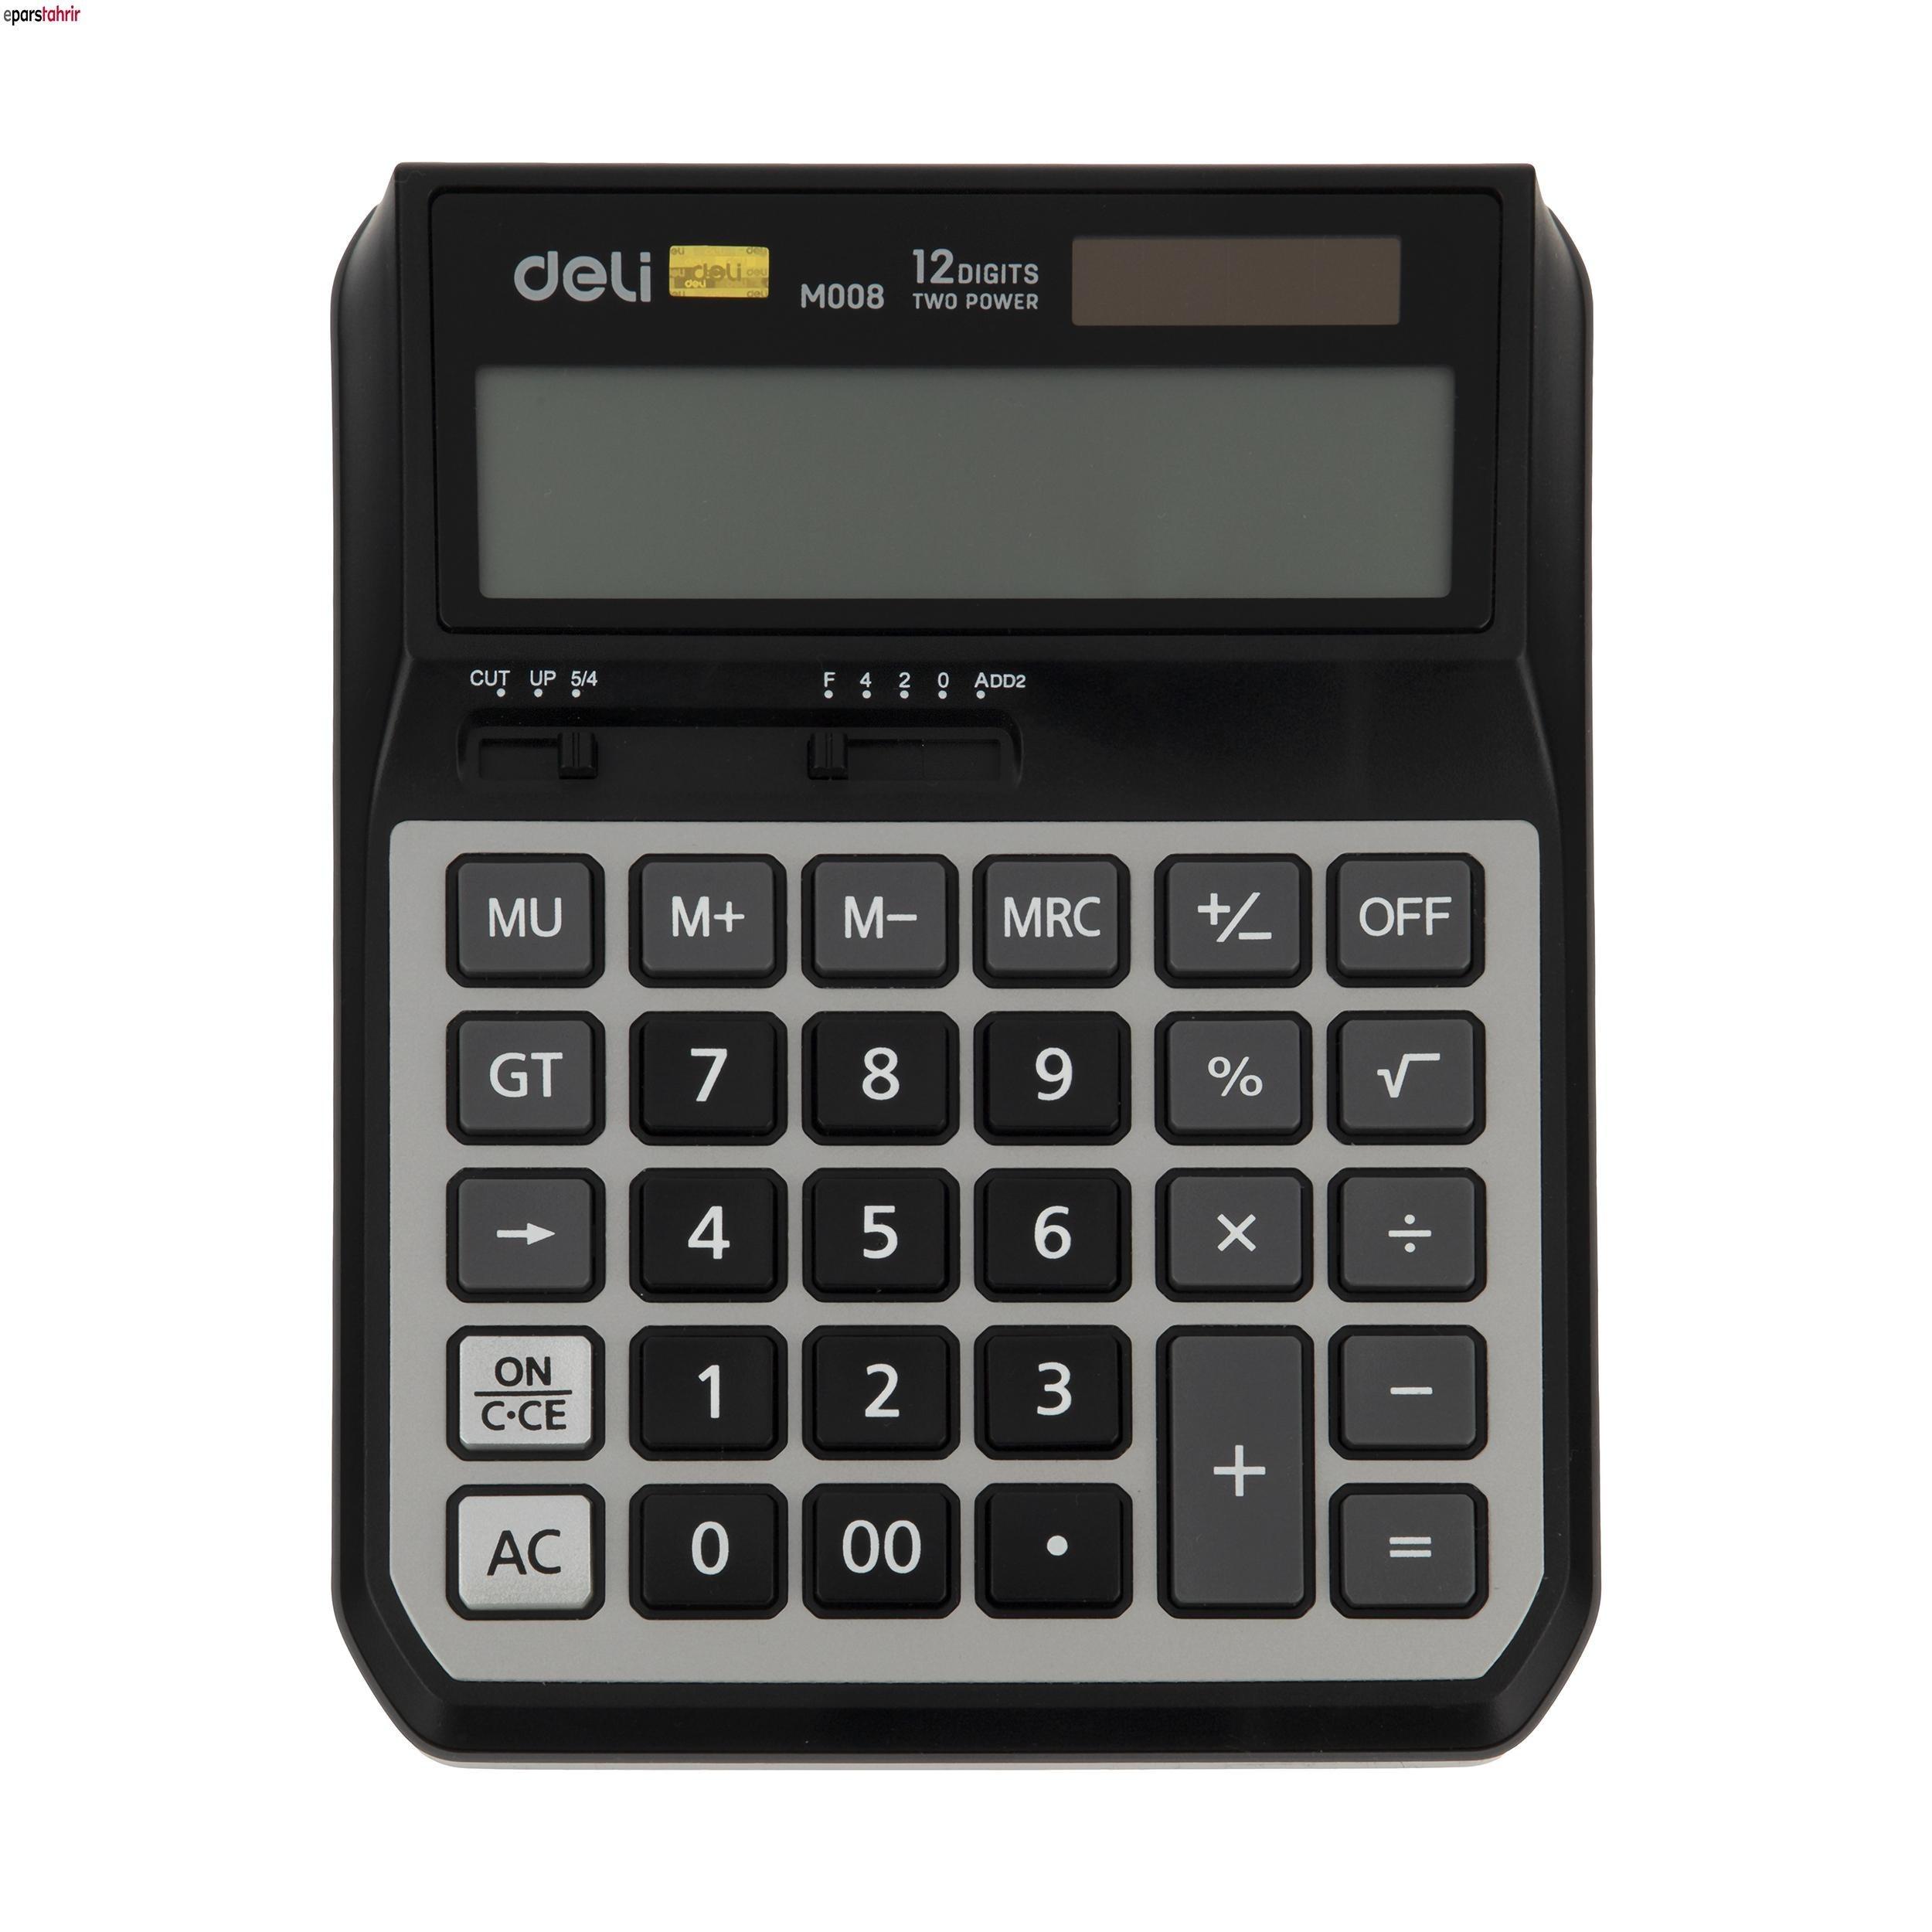 تصویر ماشین حساب مدل M00820 دلی